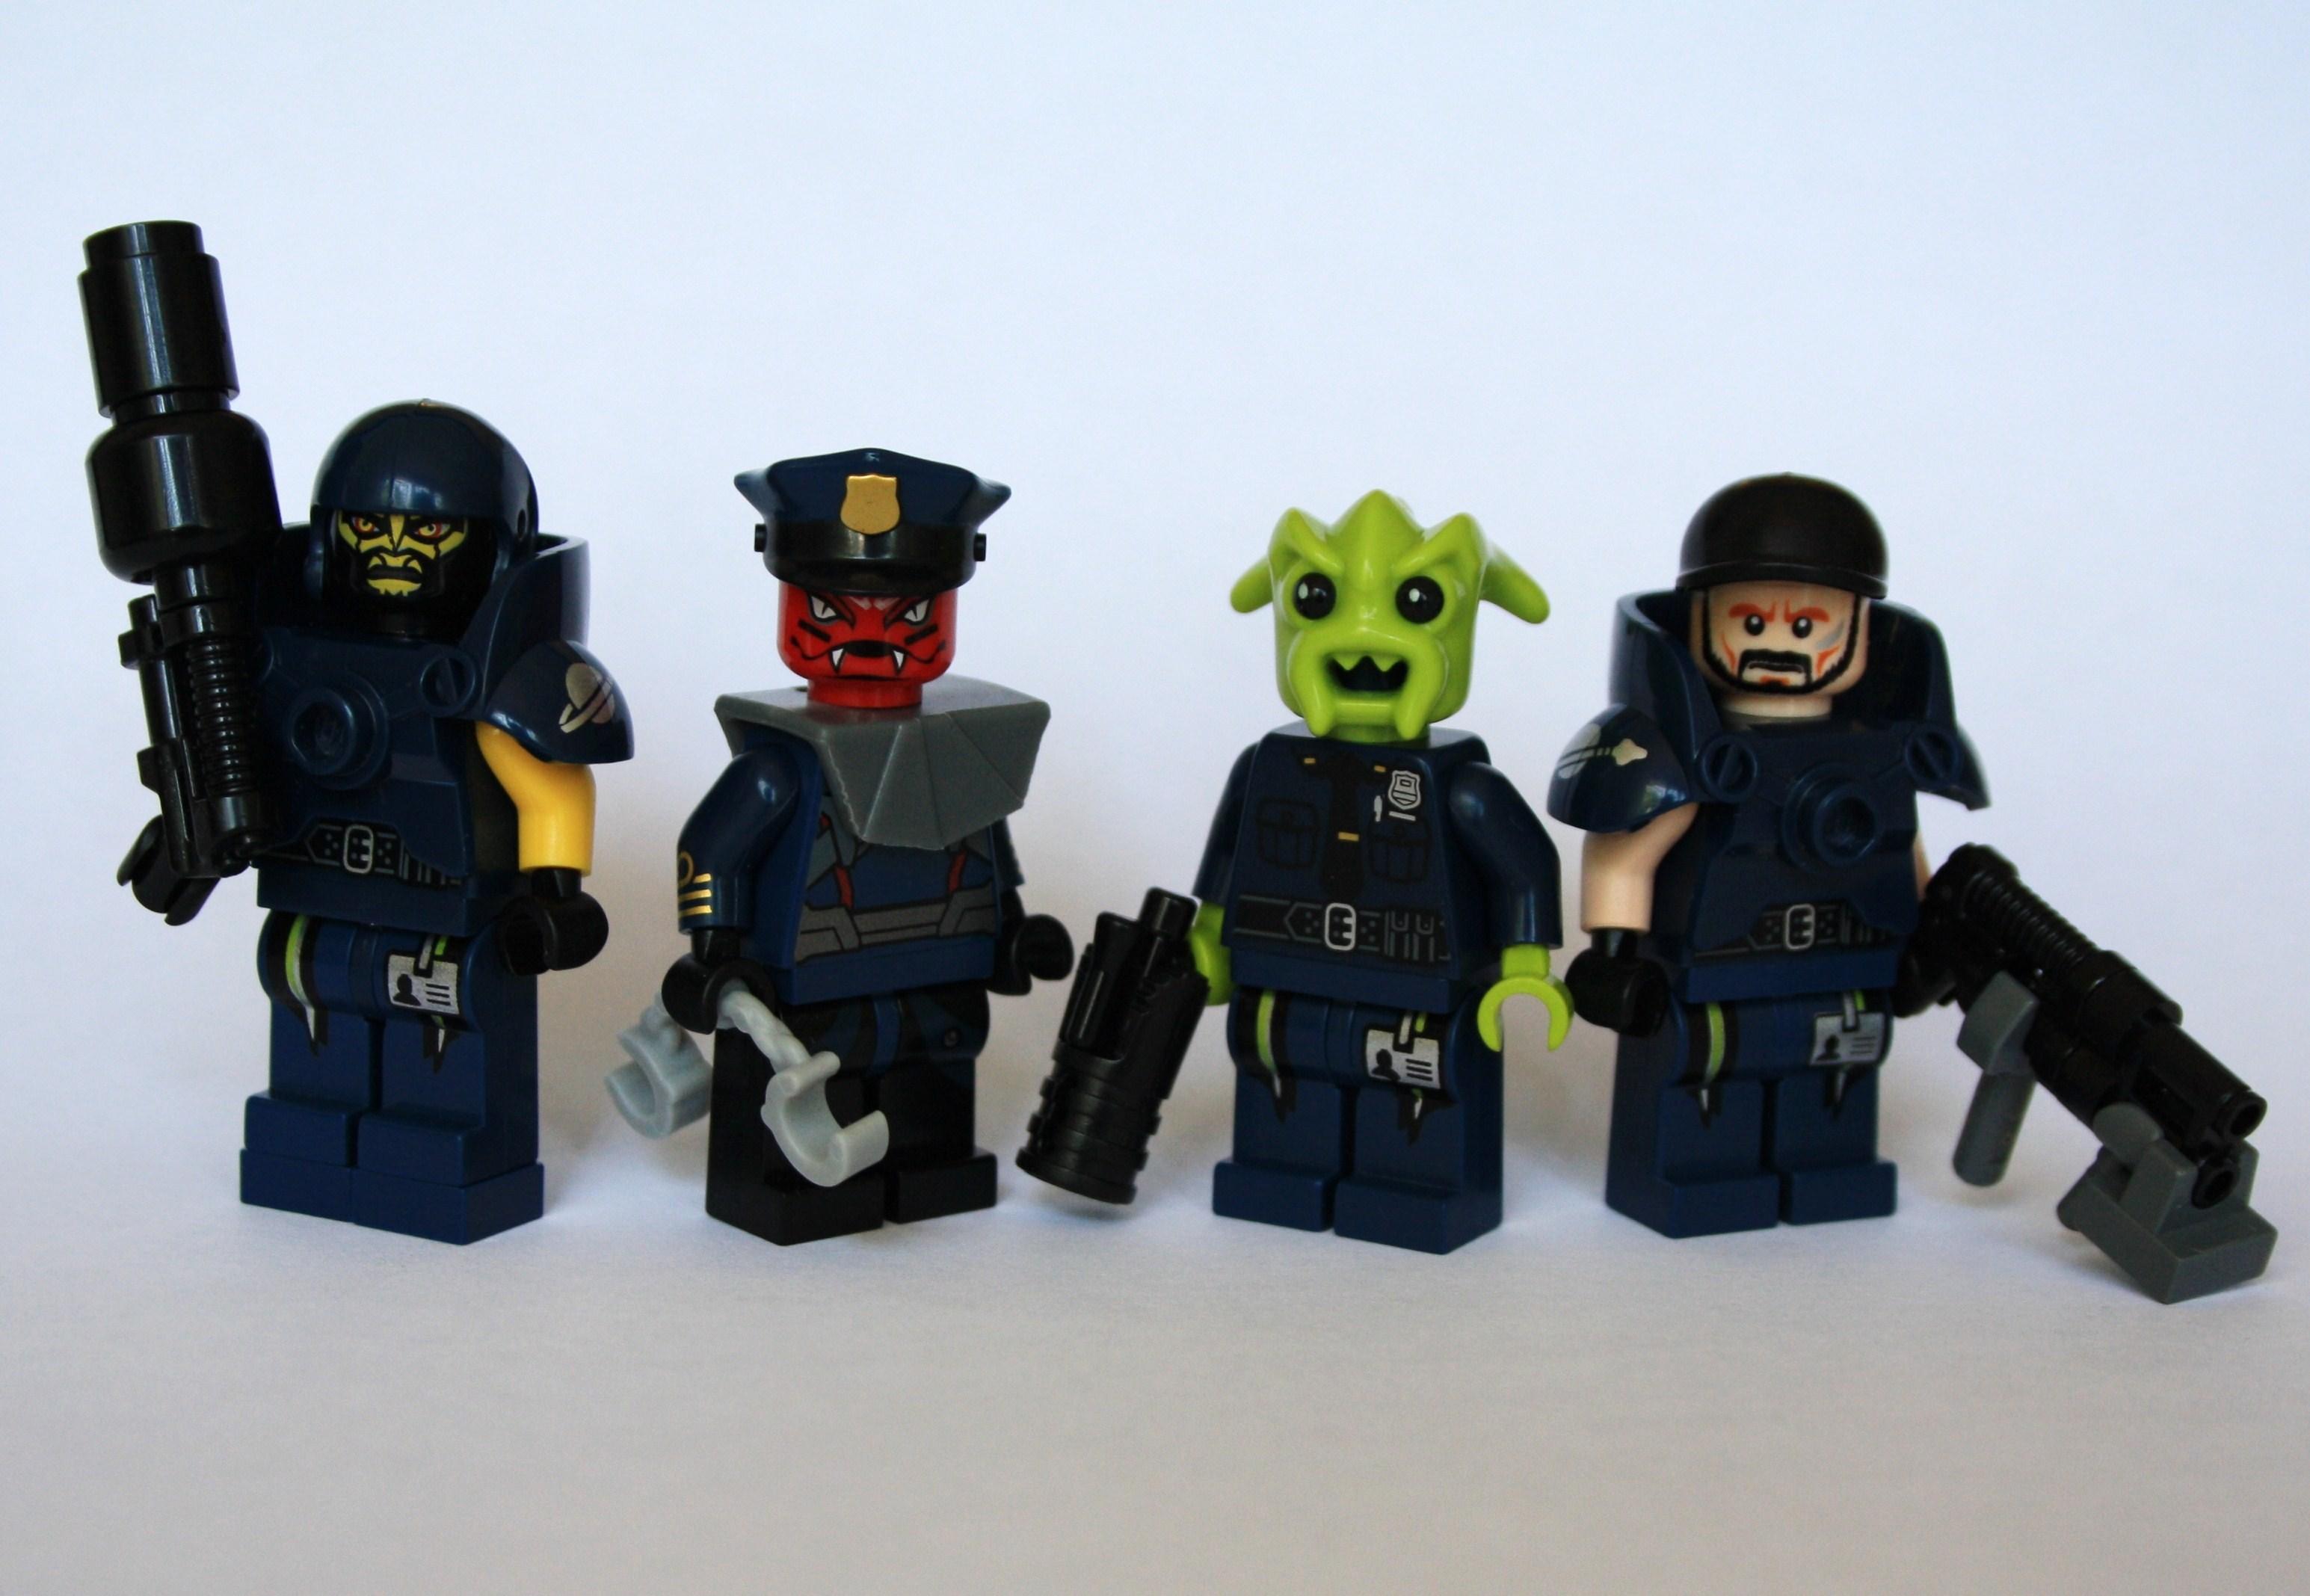 Hintergrundbilder Gewehr Lego Platz Polizei Pistole Zukunft